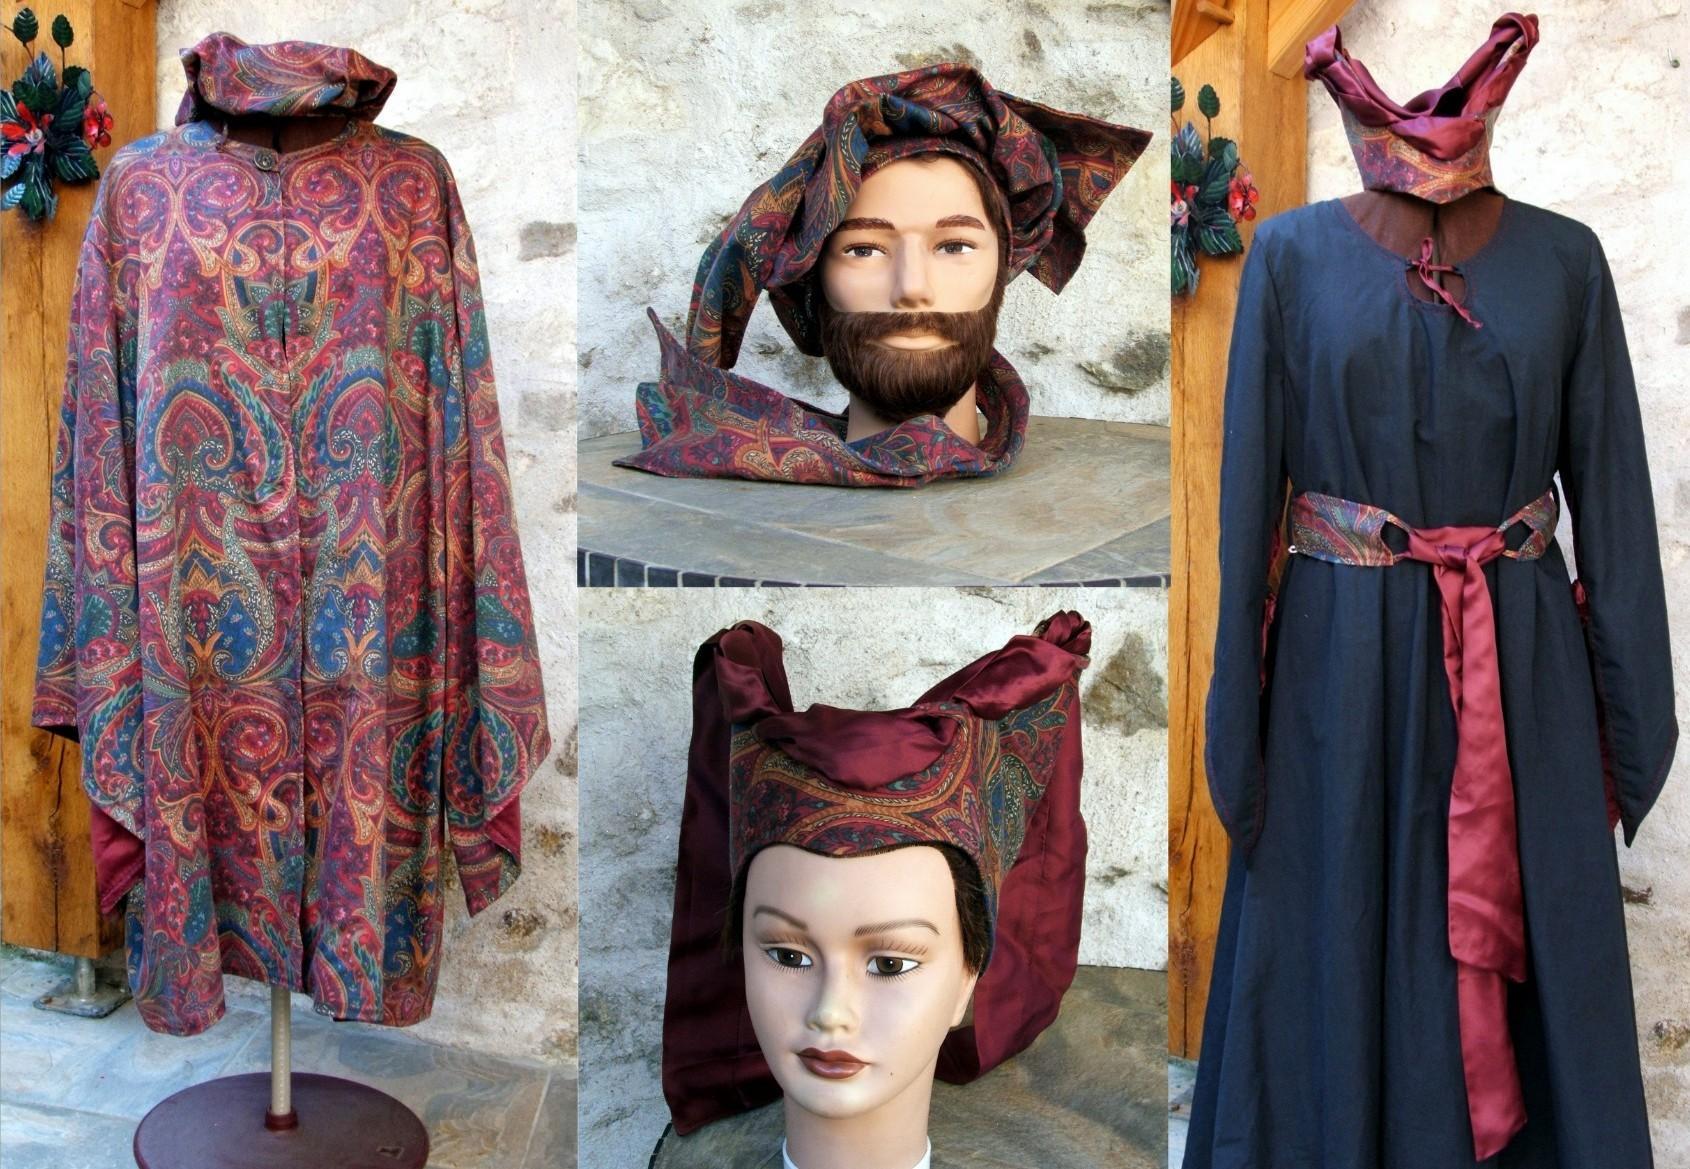 Veste médiévale pour homme et robe femme